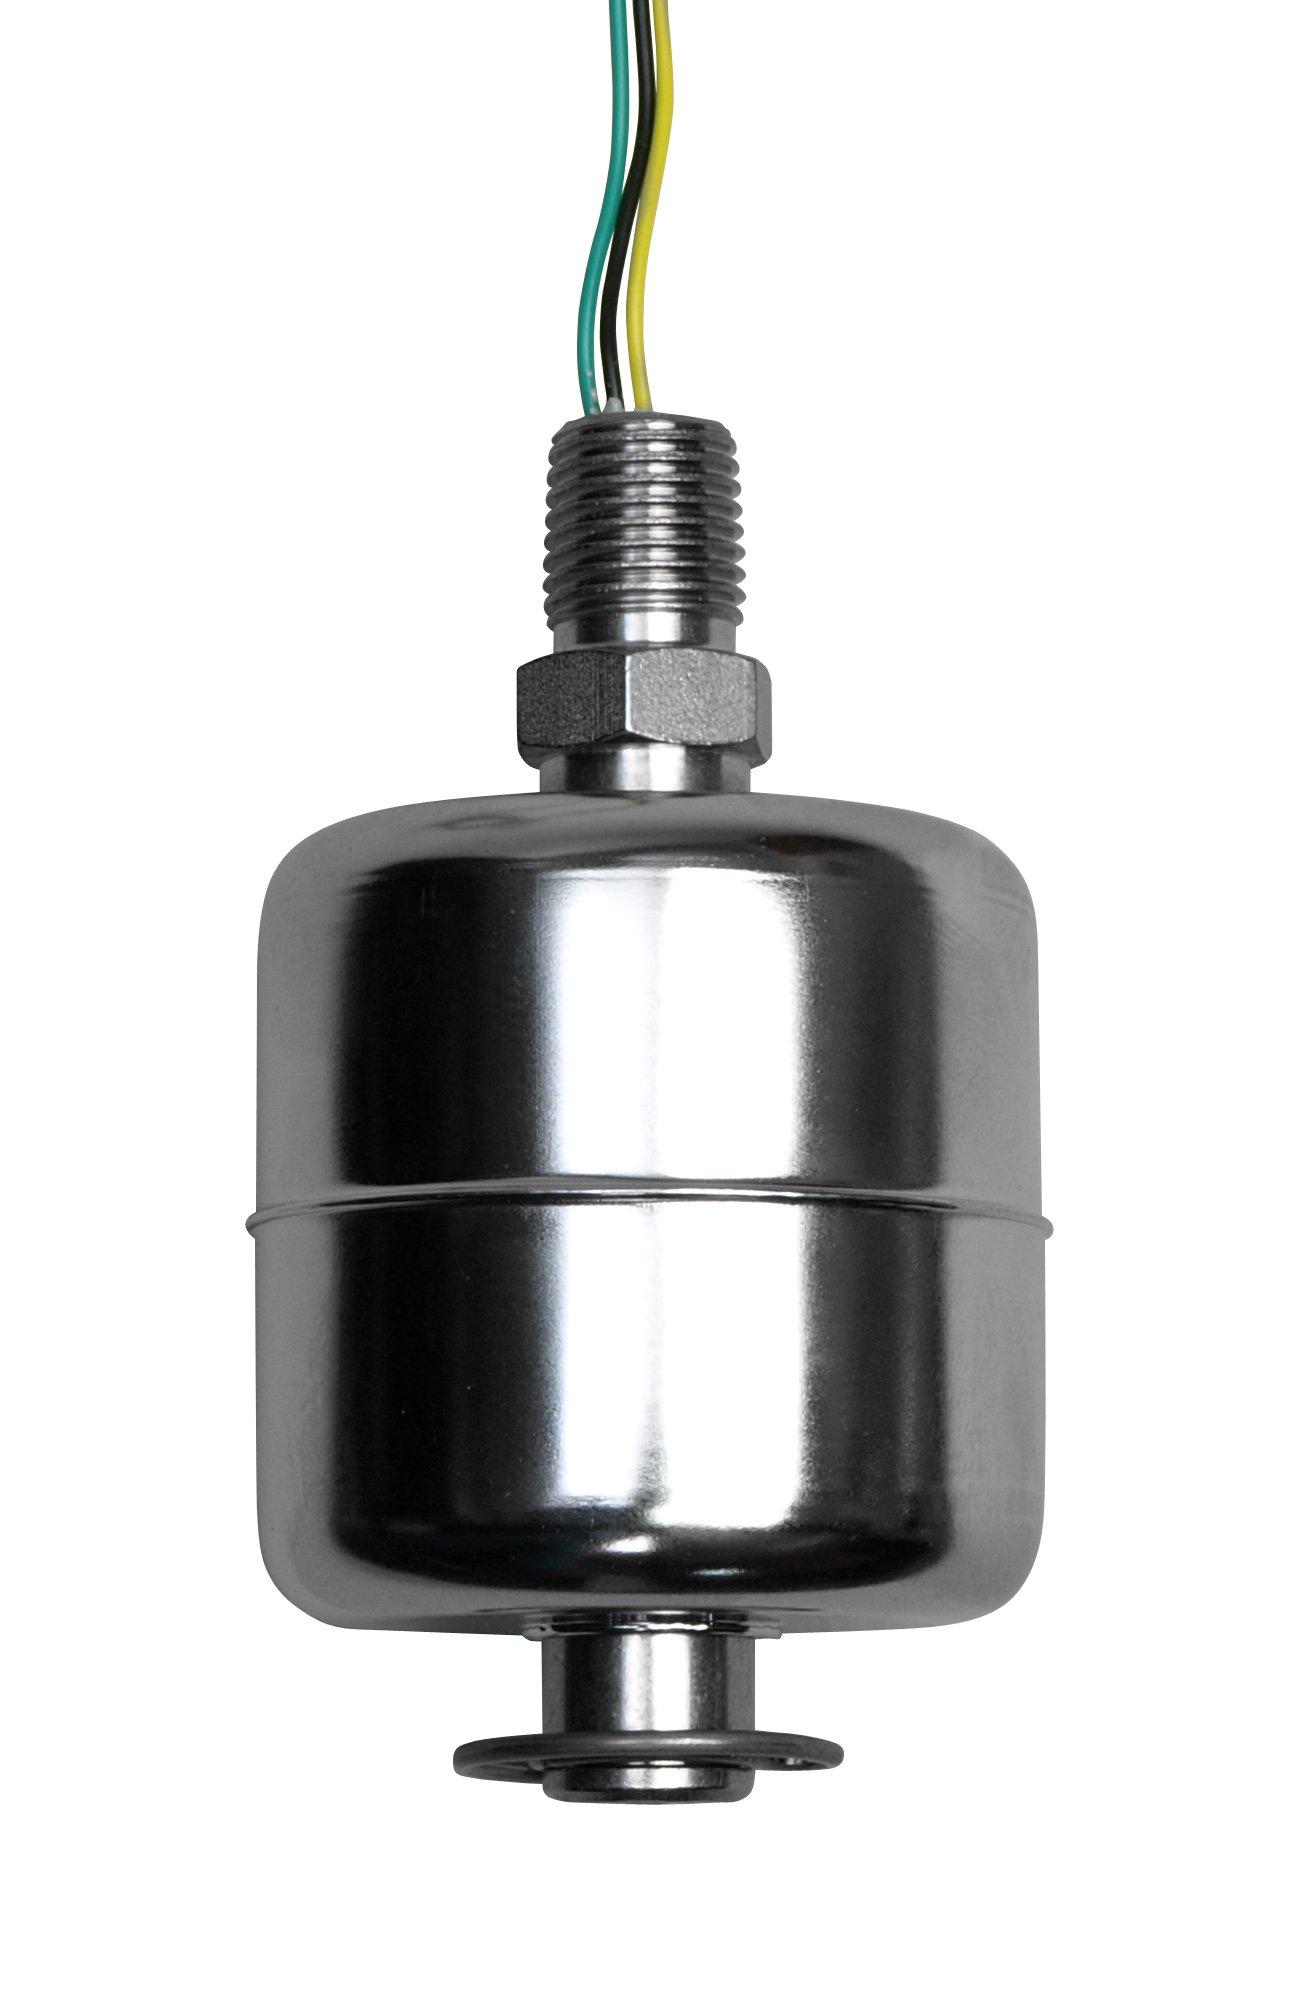 Madison M5600-SPDT Stainless Steel Full Size Liquid Level Switch, 25 VA SPDT, 1/4 NPT Male, 200 psig Pressure